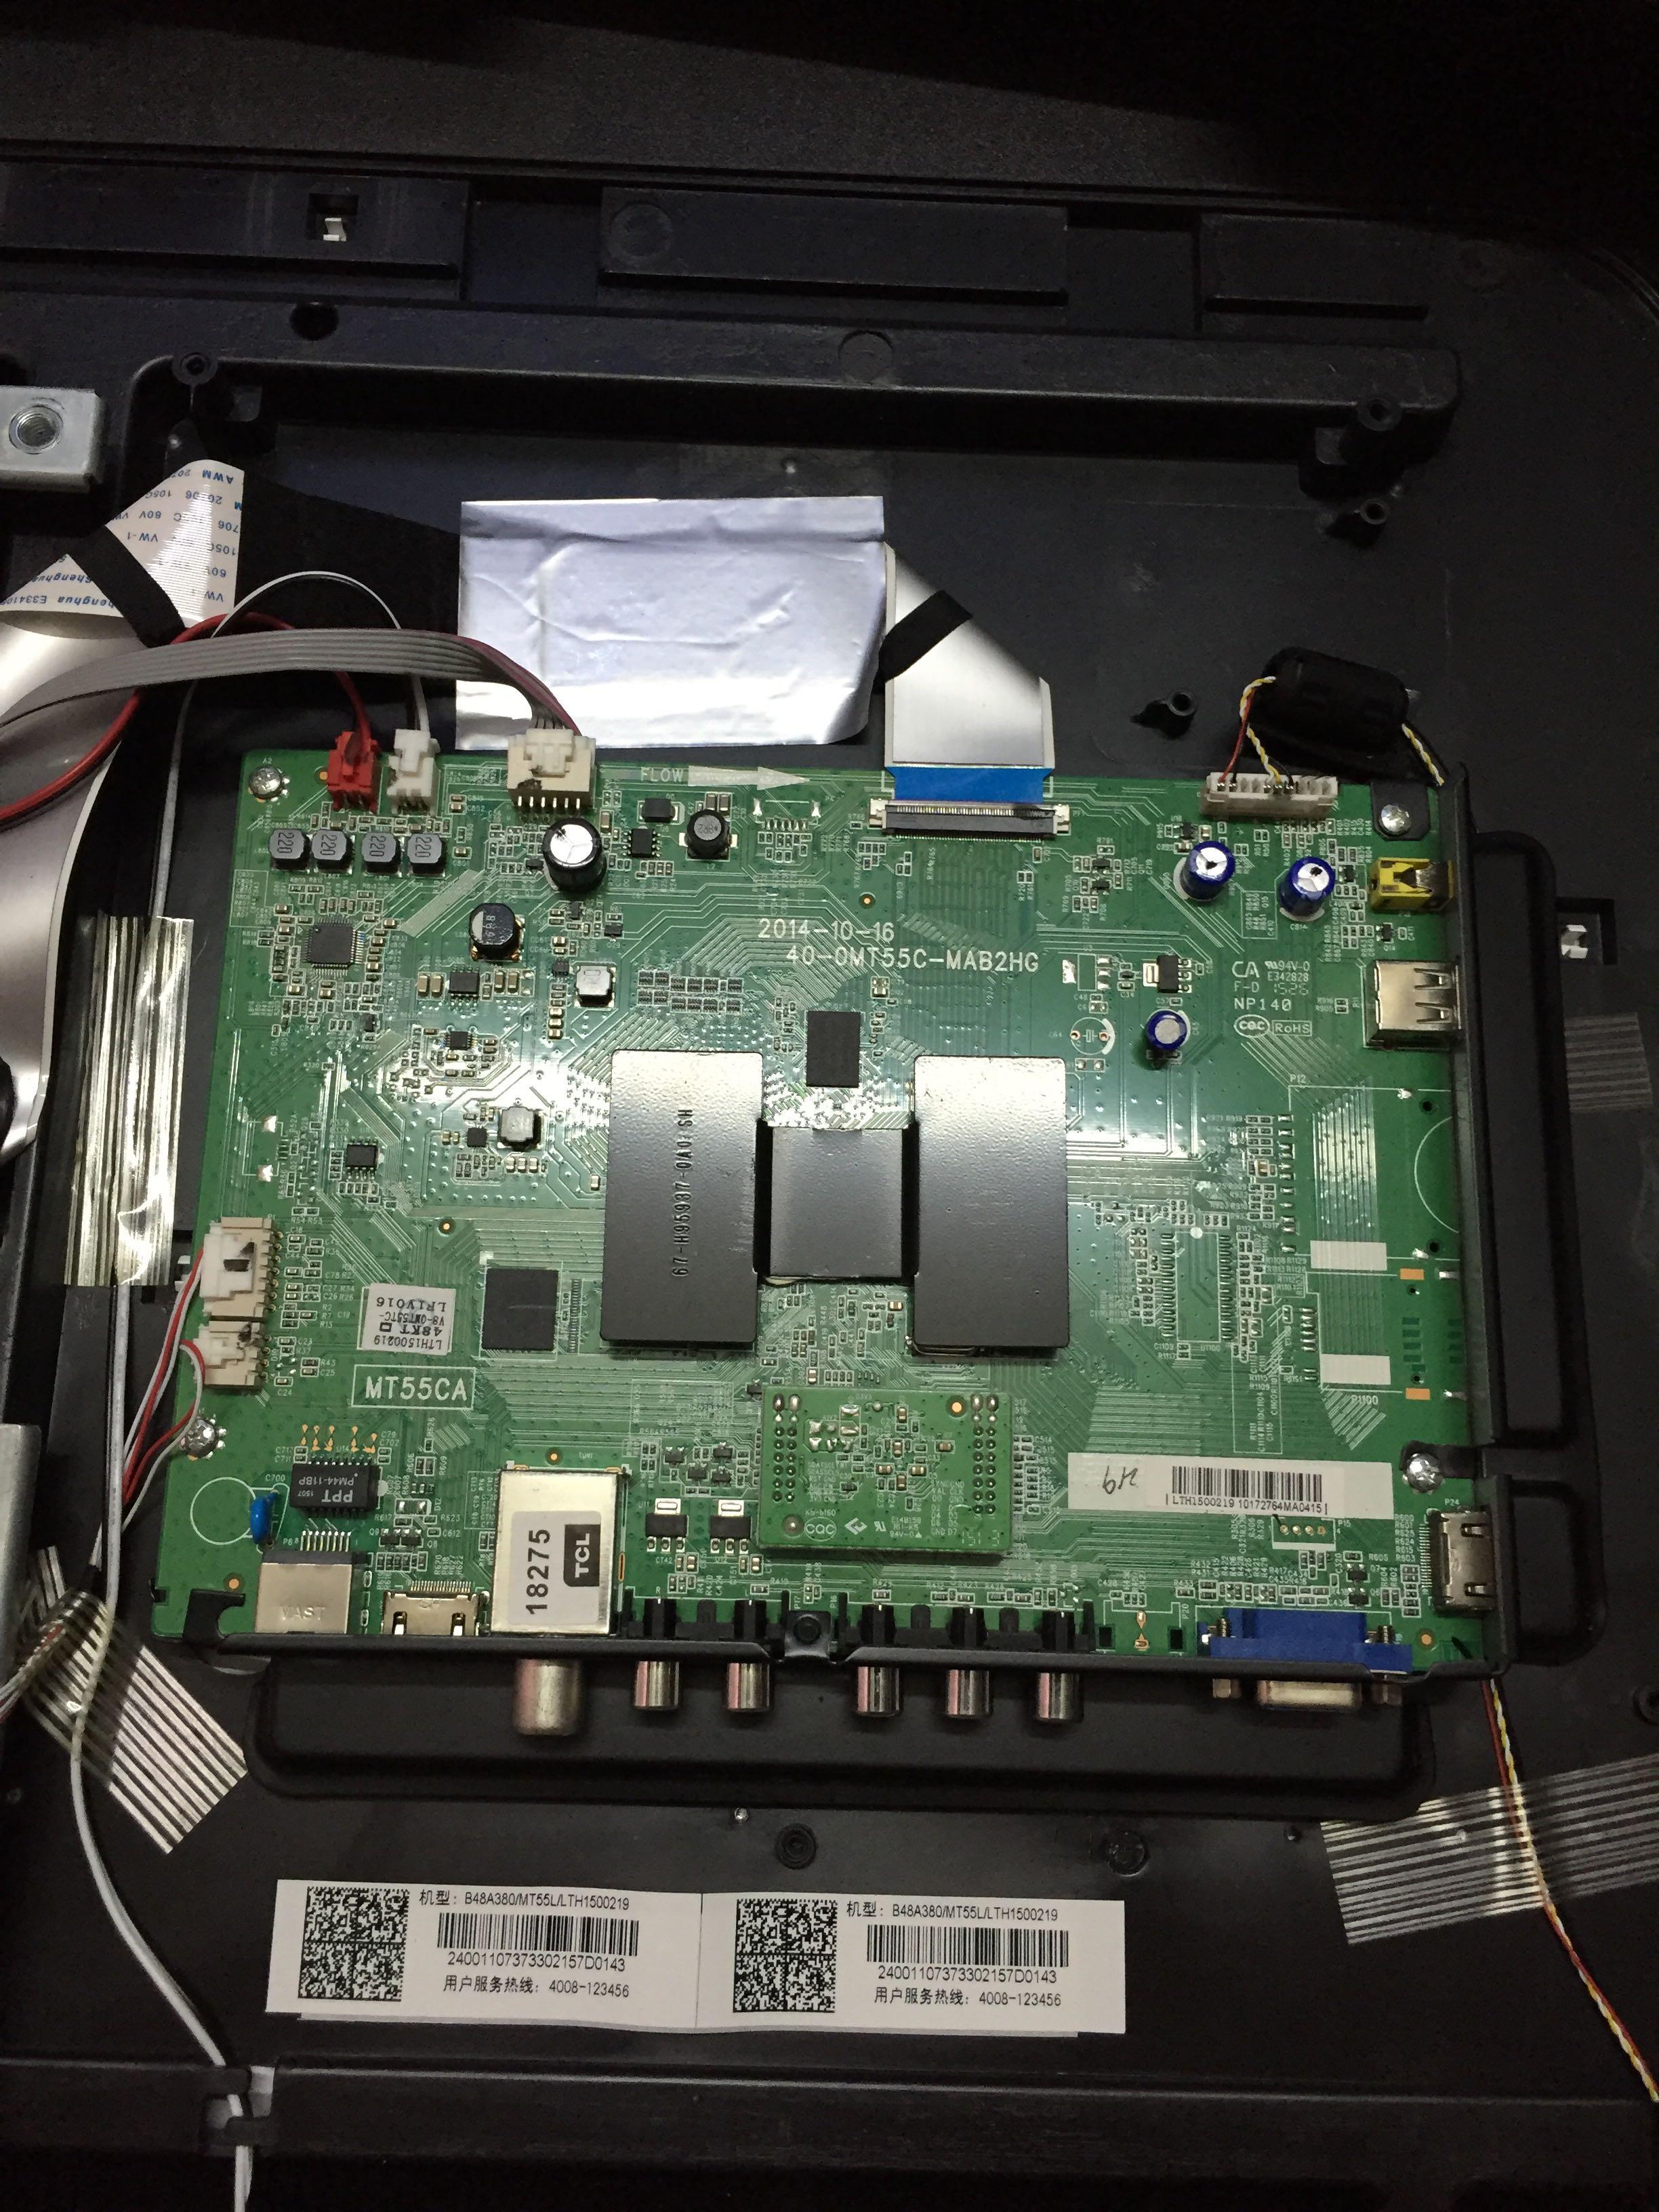 原装TCL B48A380 主板 40-0MT55C-MAB2HG 屏 LVF480CSOT E25 V1